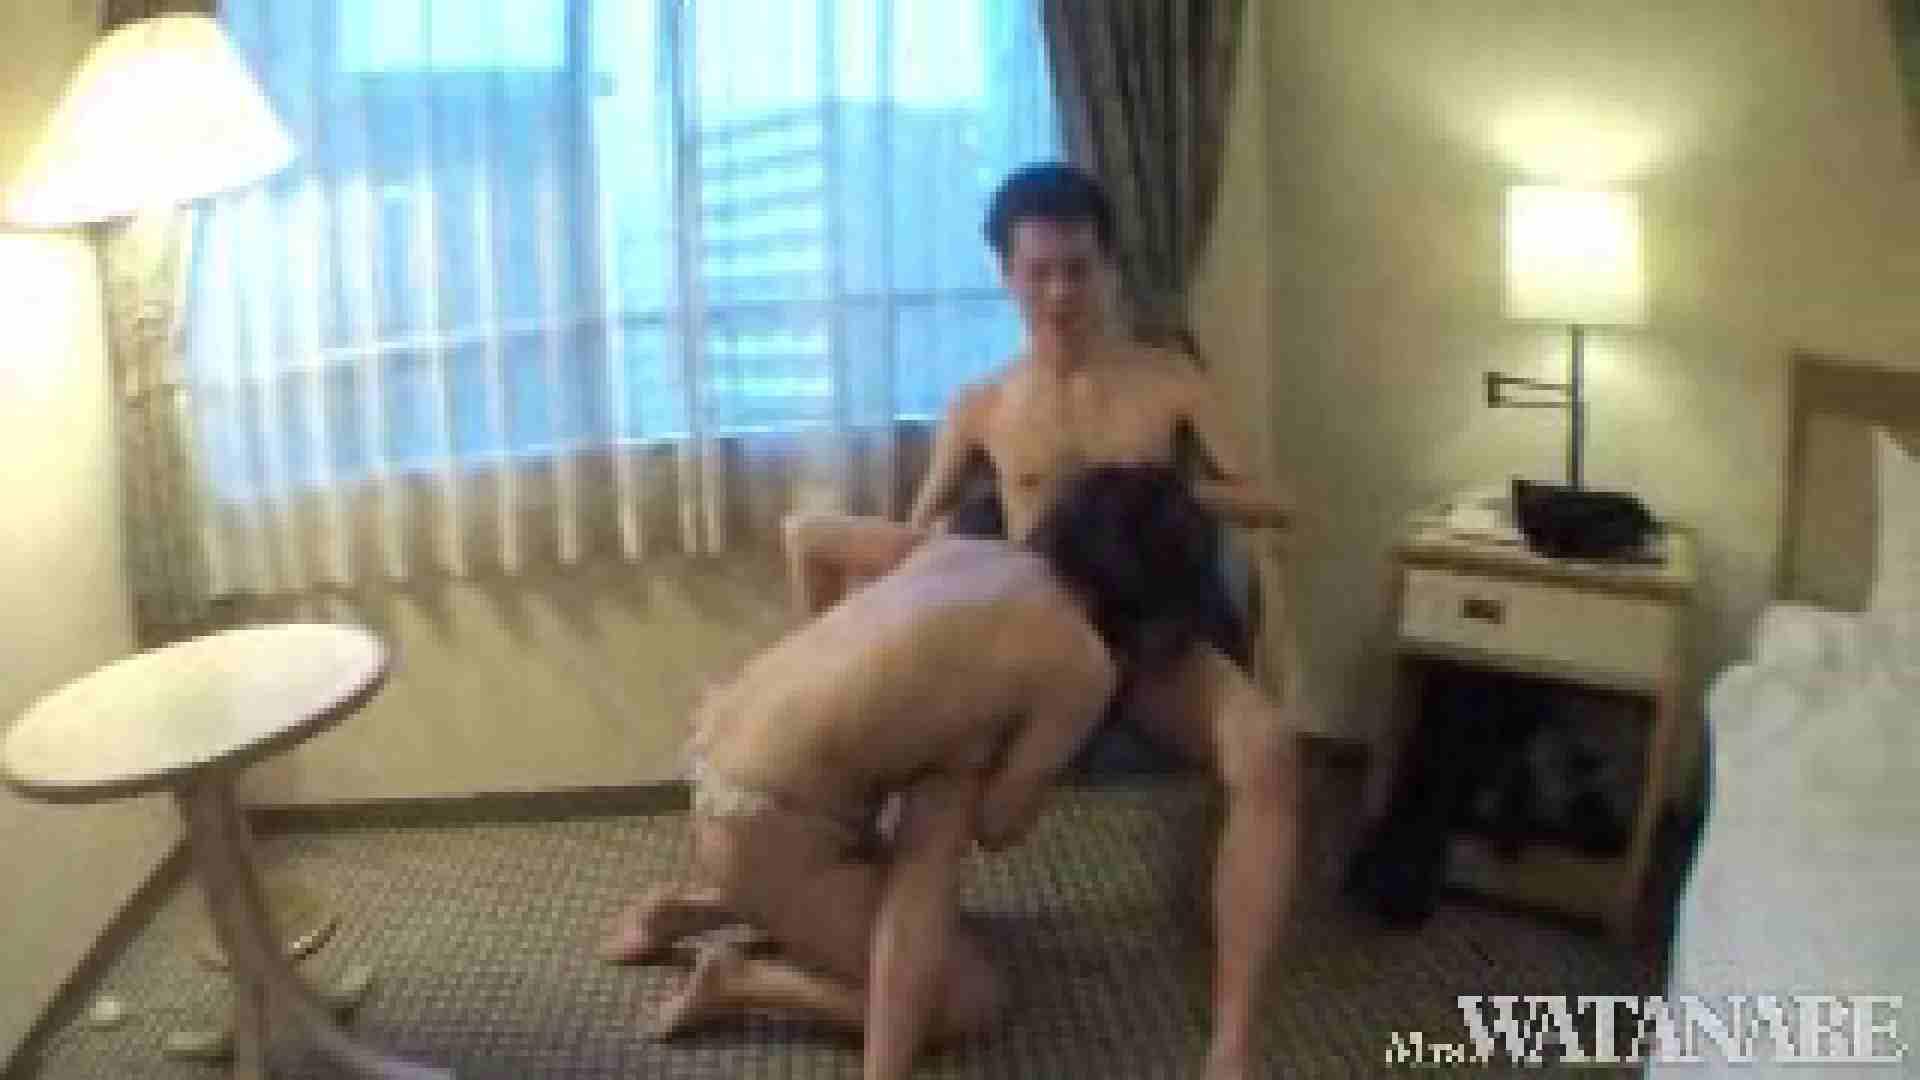 撮影スタッフを誘惑する痴熟女 かおり40歳 Vol.04 独身エッチOL | 熟女の女体  89pic 39